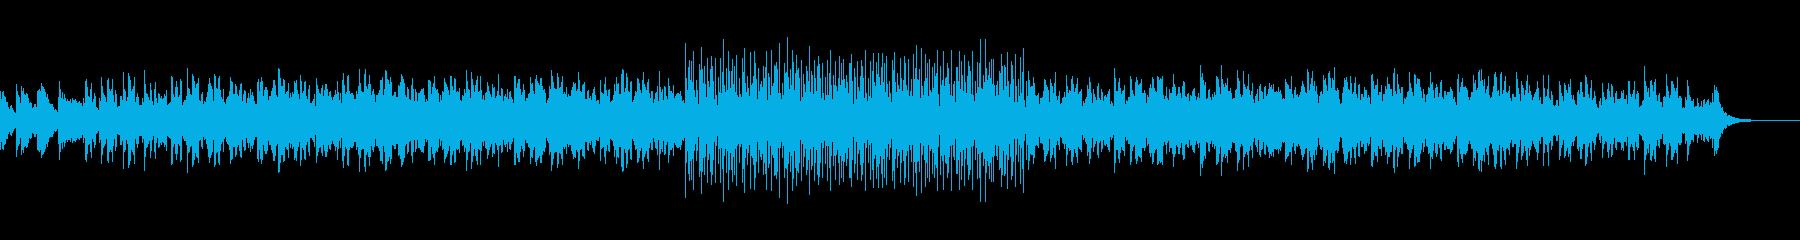 夏の明るくリズミカルなポップサウンドの再生済みの波形